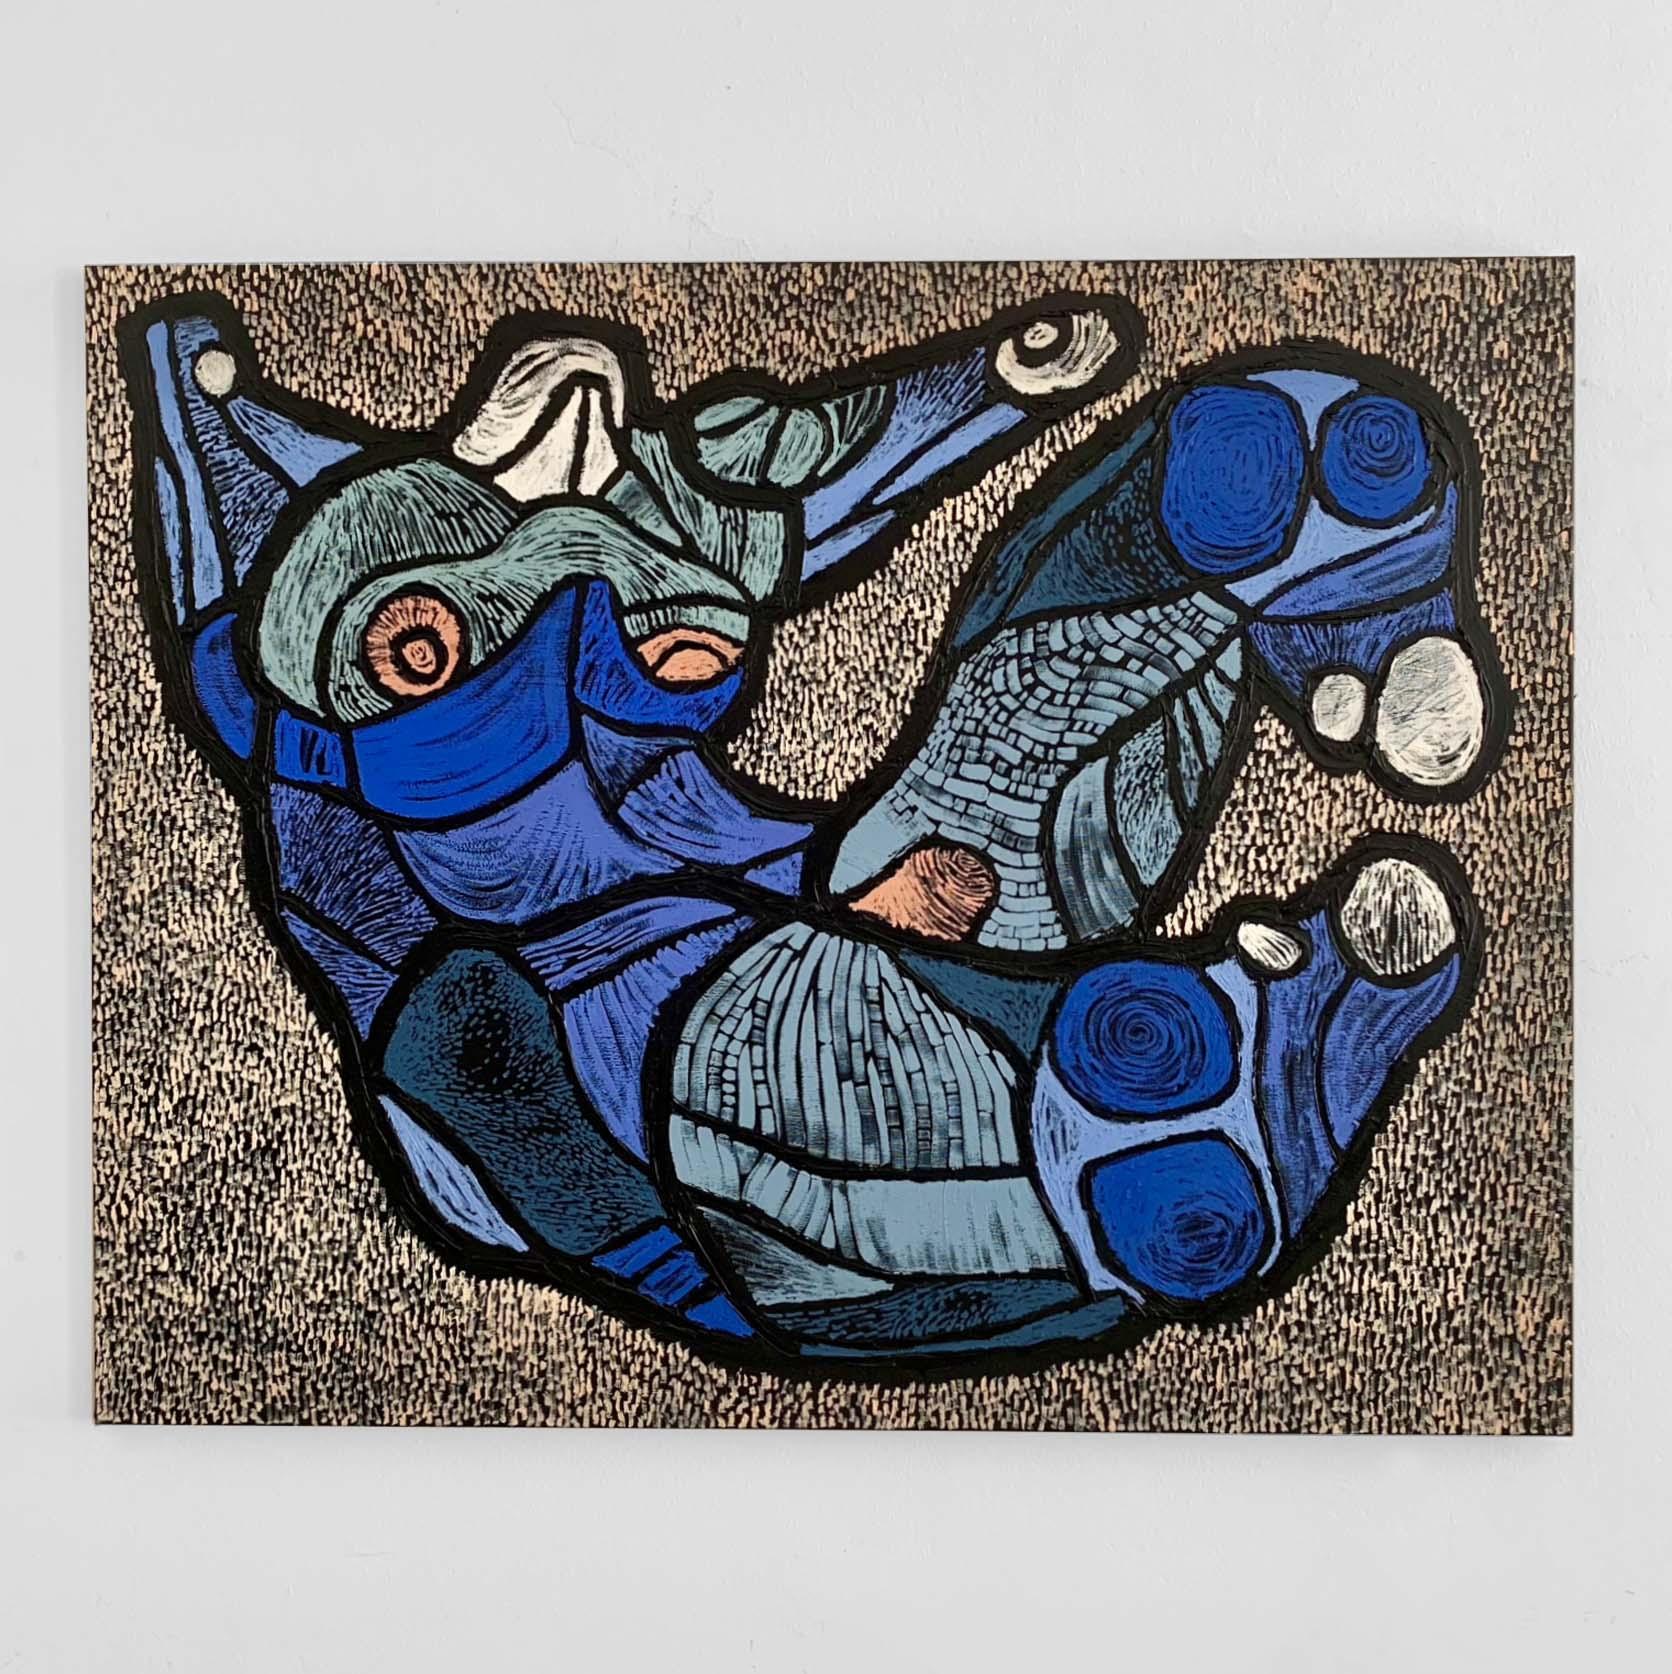 BLUE BOY – 120 X 95 CM